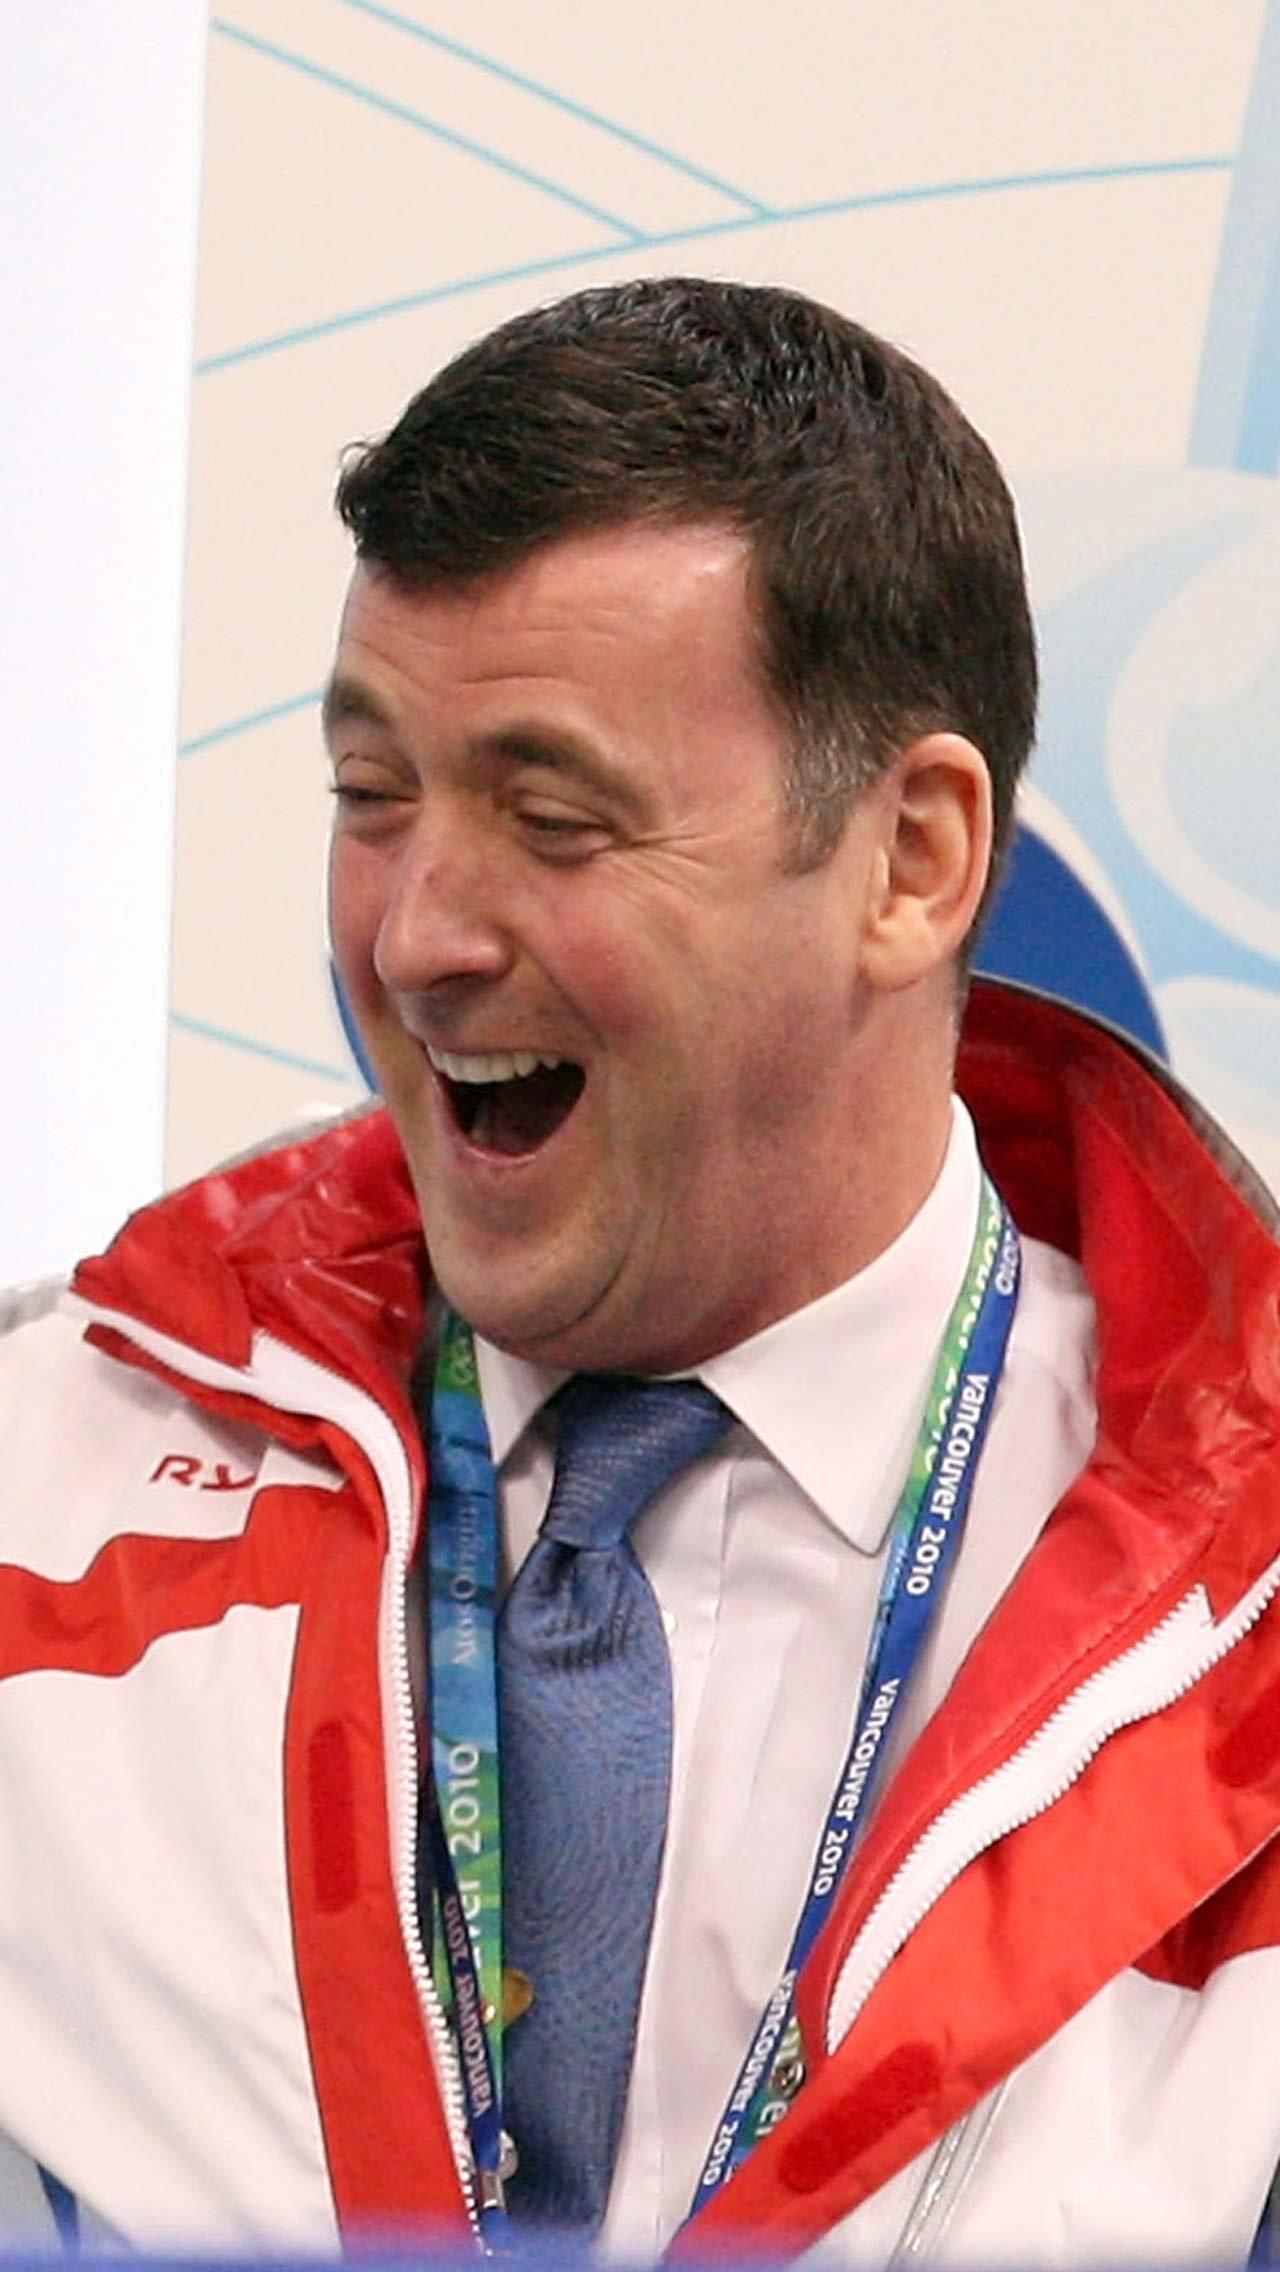 Знаменитый в прошлом фигурист, а ныне успешный тренер Брайан Орсер решился на каминг-аут уже после завершения карьеры.